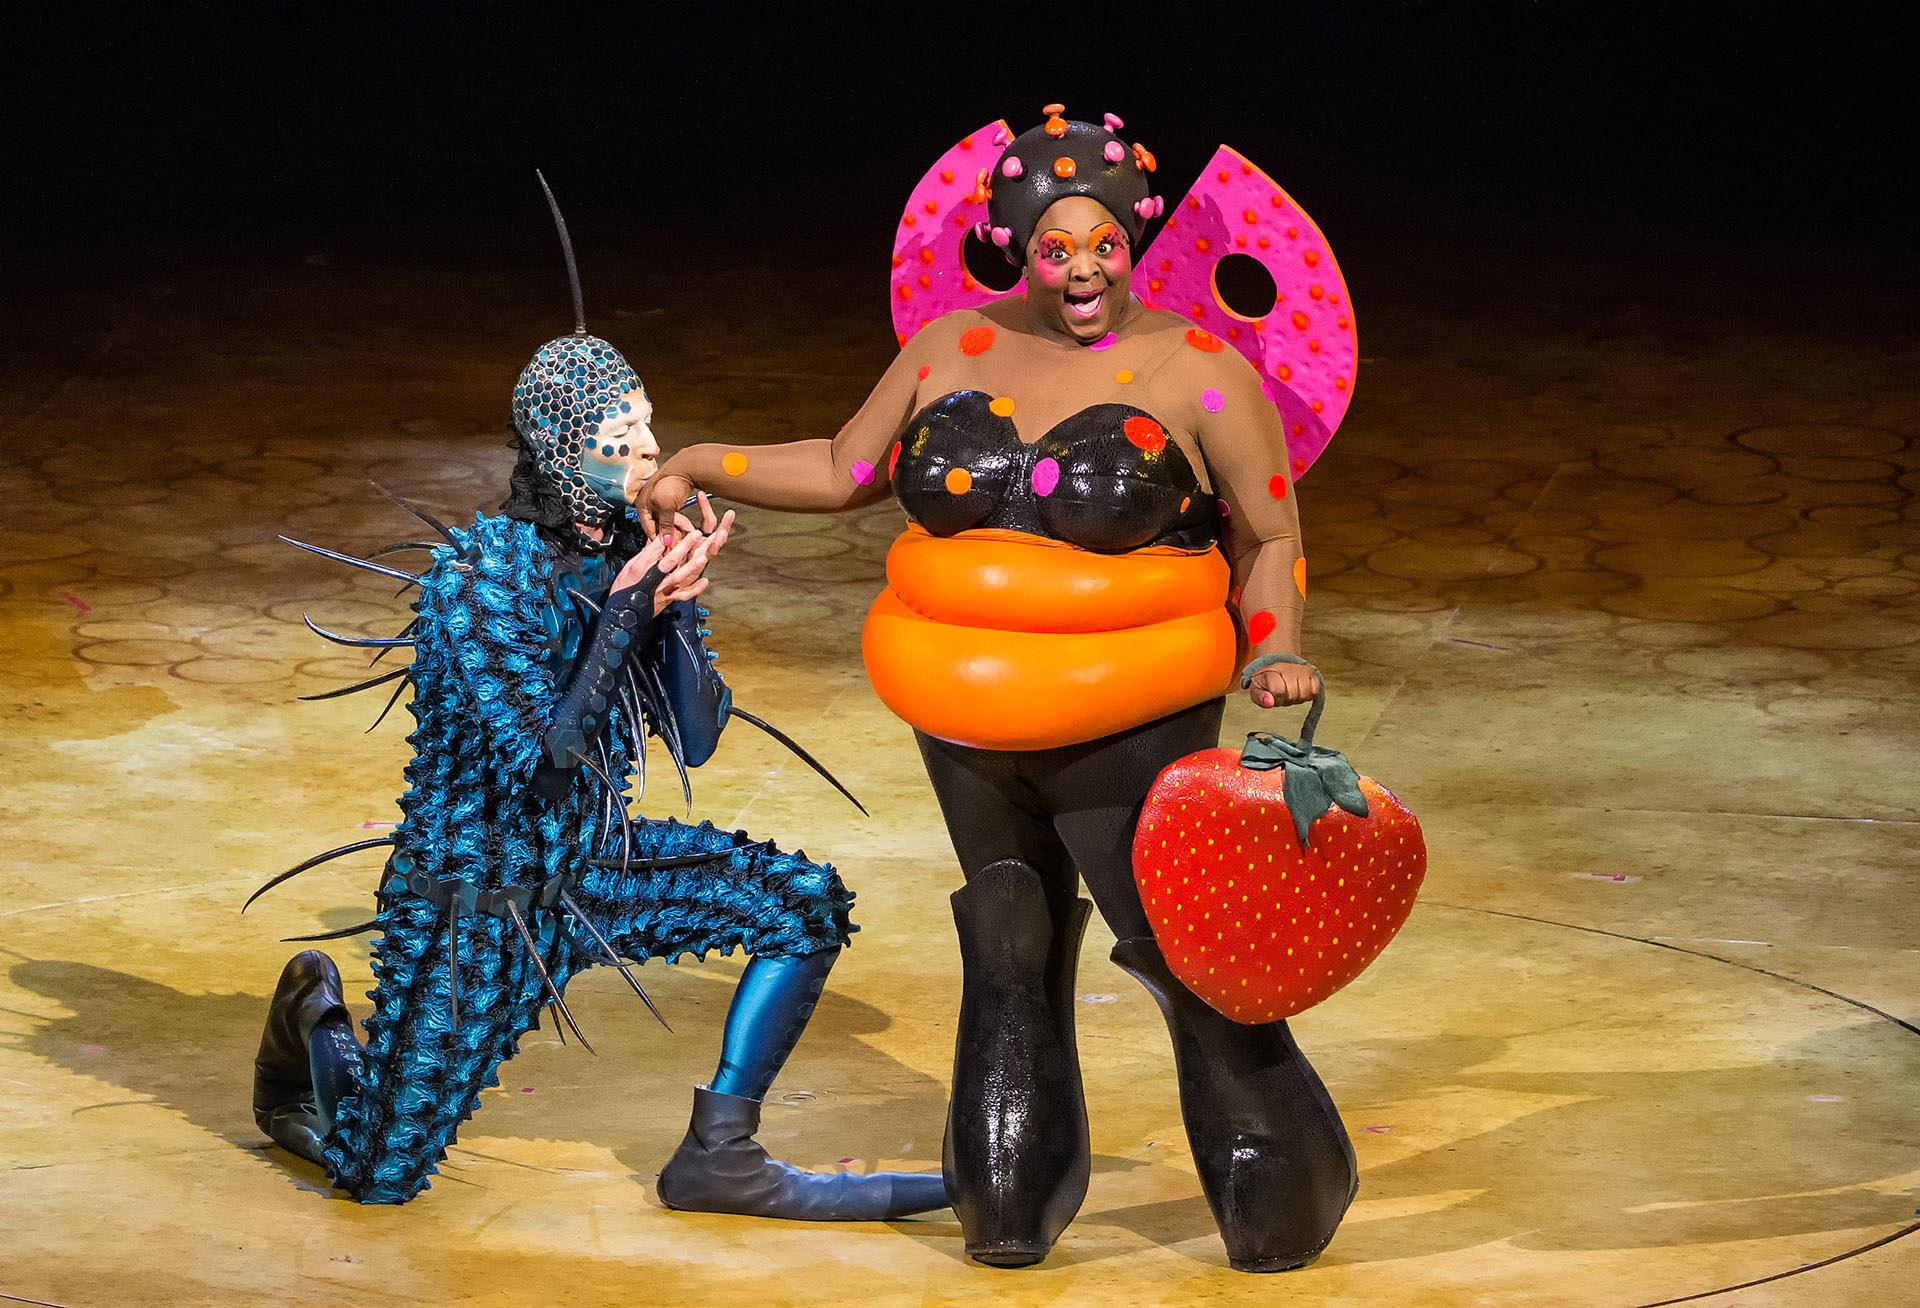 """El """"extranjero"""" intentando ganarse el corazón de Lady Bug (Cirque du Soleil)"""